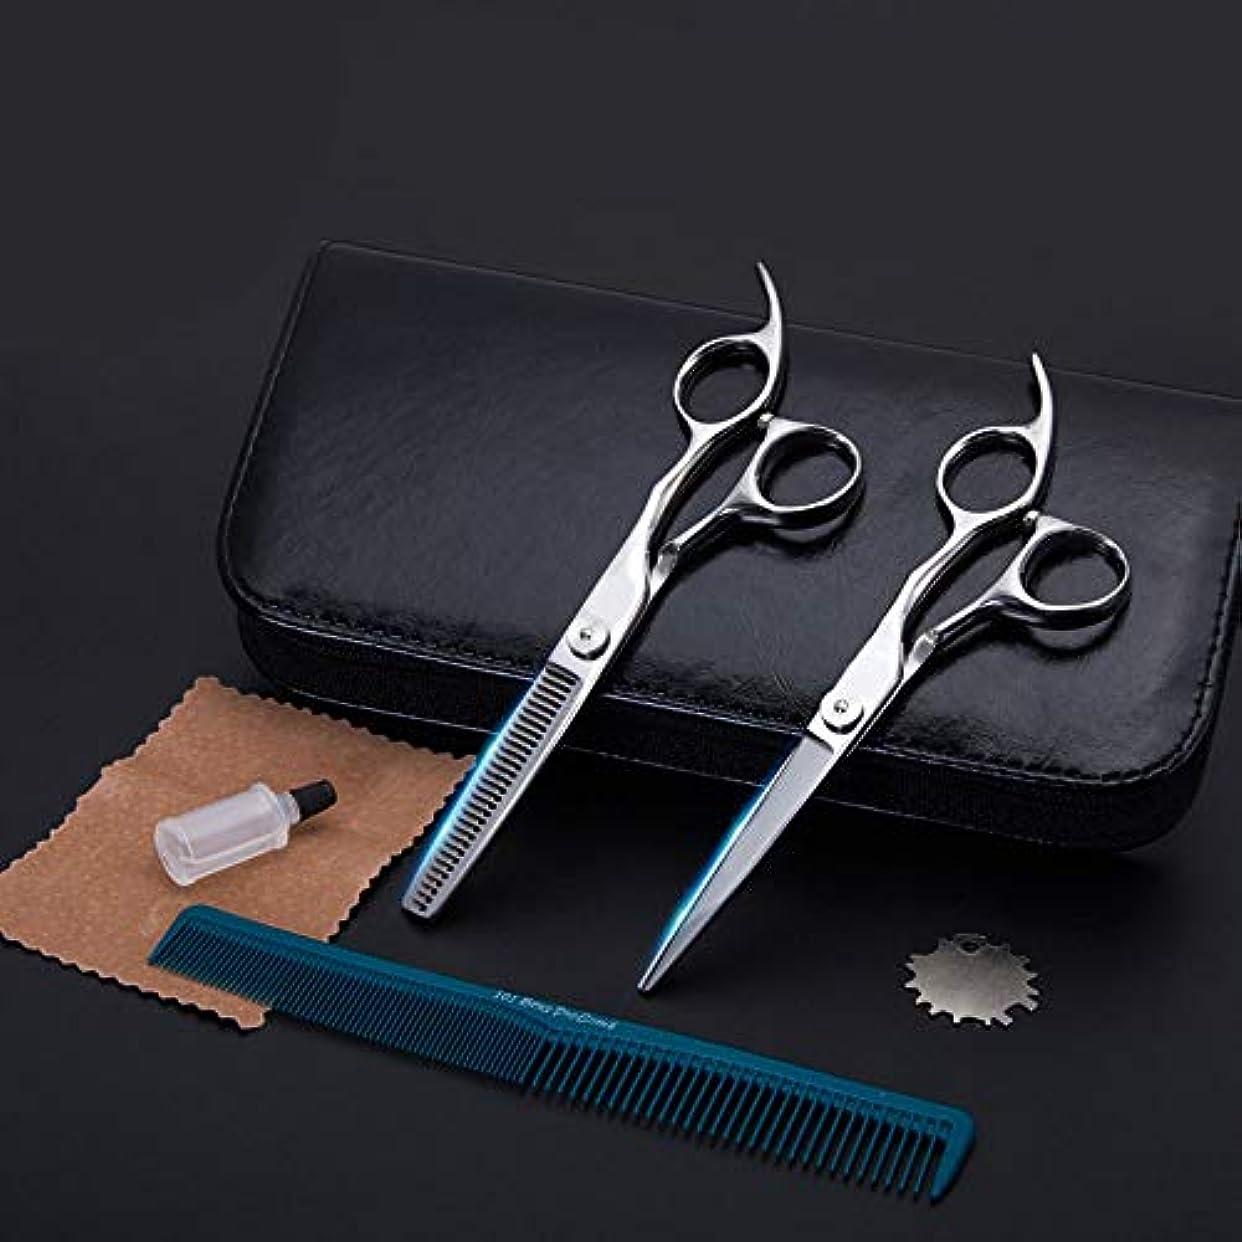 スタッフ寝る生むGoodsok-jp ハイエンドの理髪はさみ、6インチの理髪師の理髪セットの歯のはさみの平らなせん断 (色 : Silver)